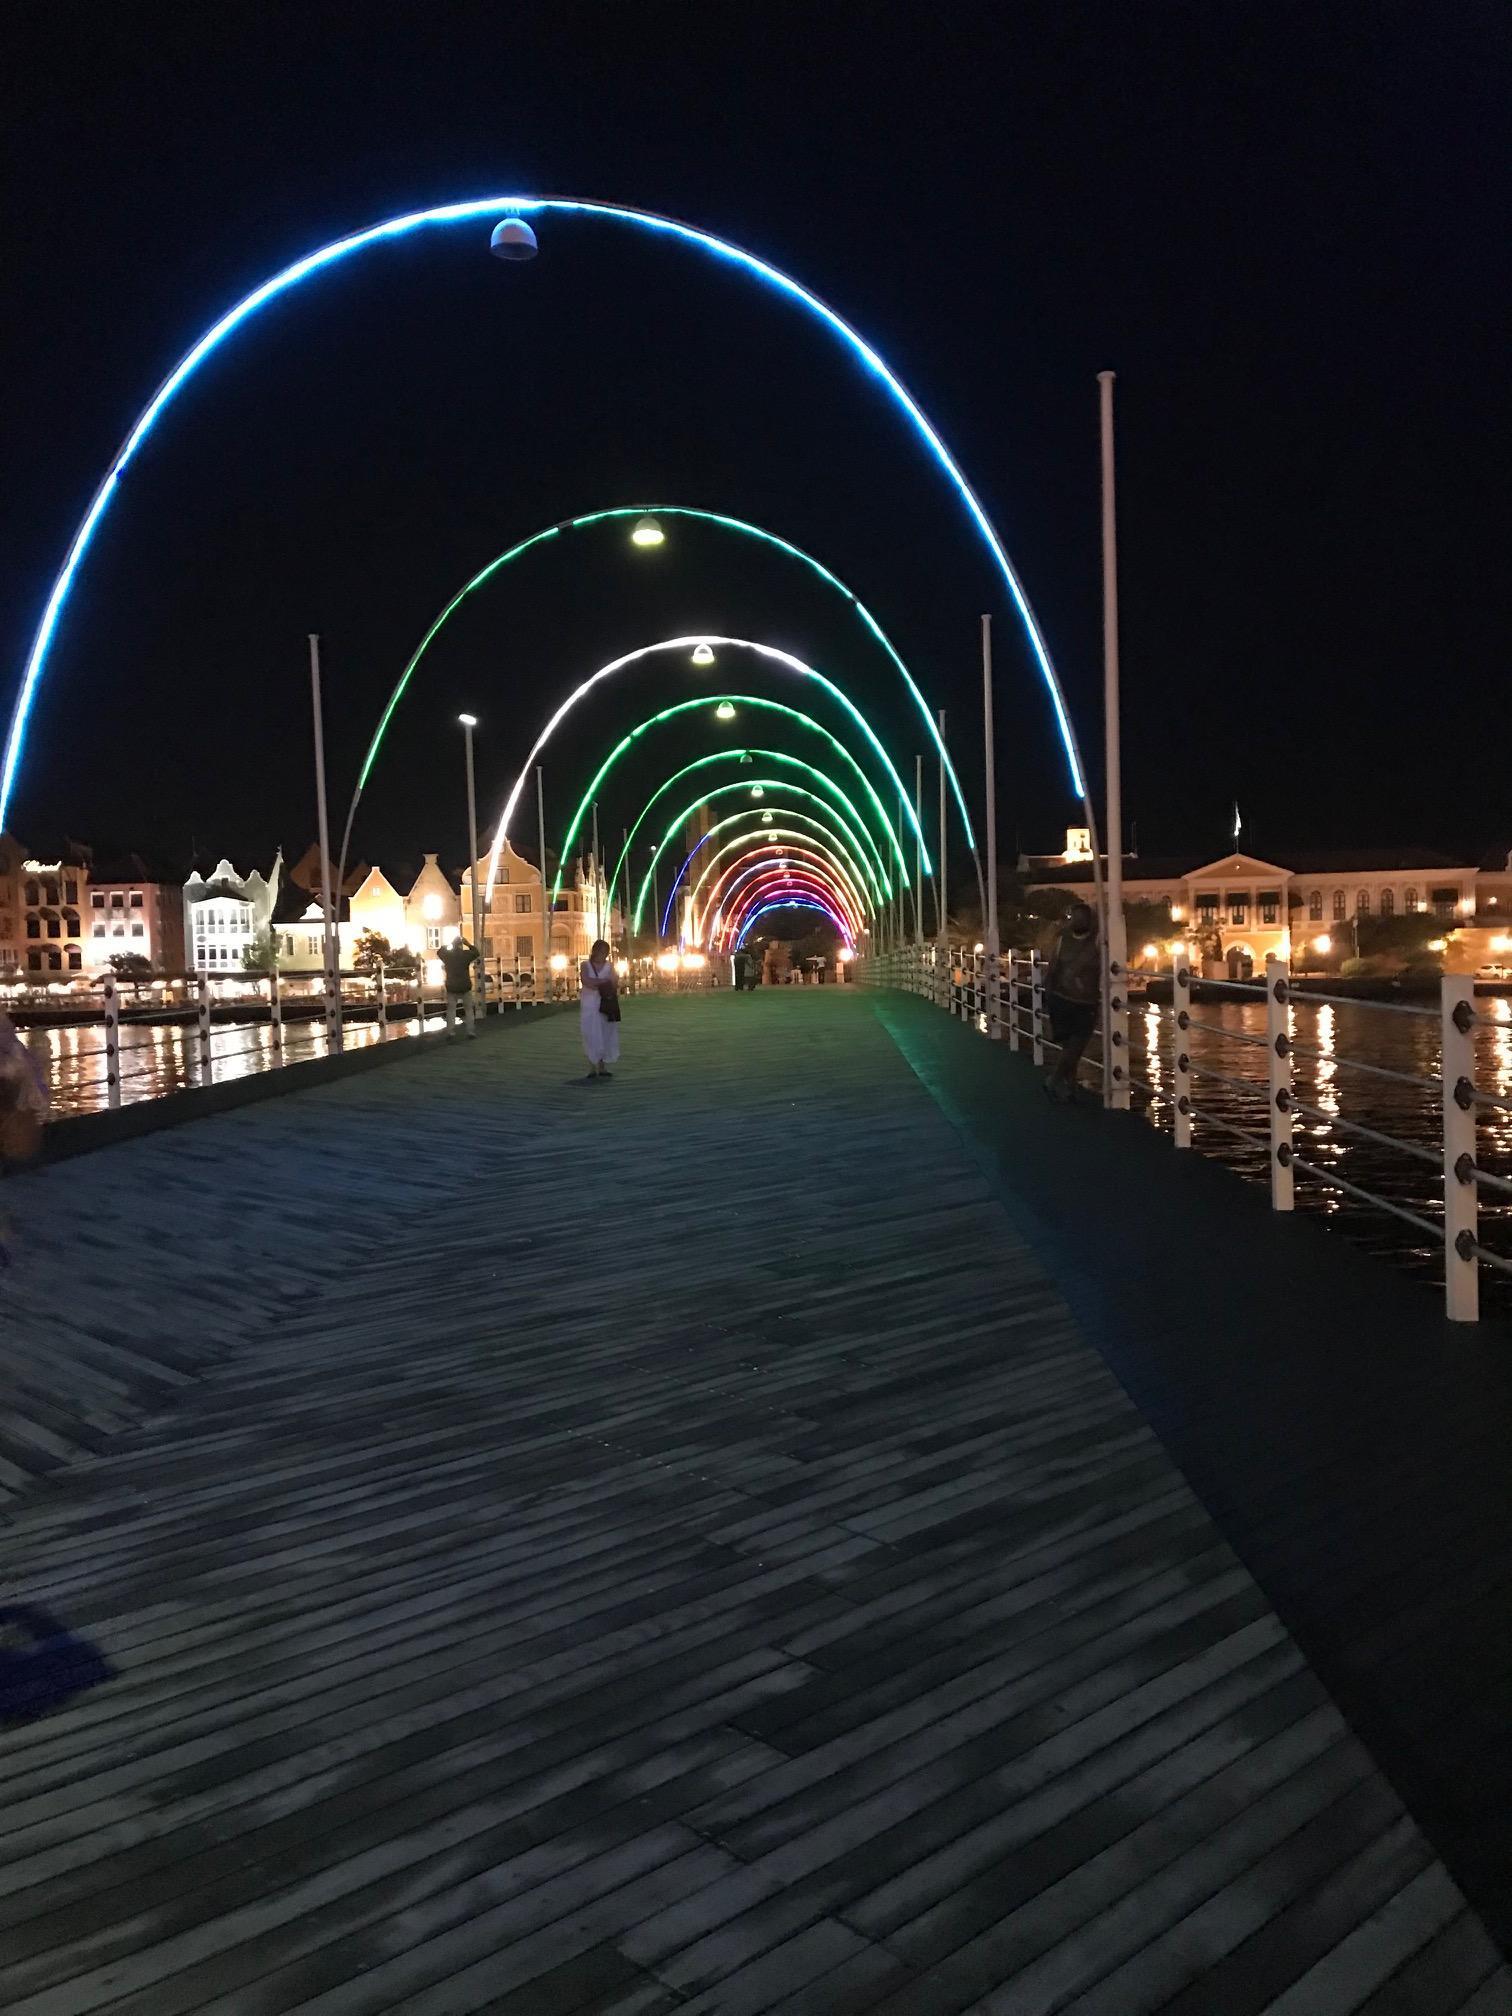 Vista de Willemstad y puente de Pontones Reina Emma en Curazao de noche con luces